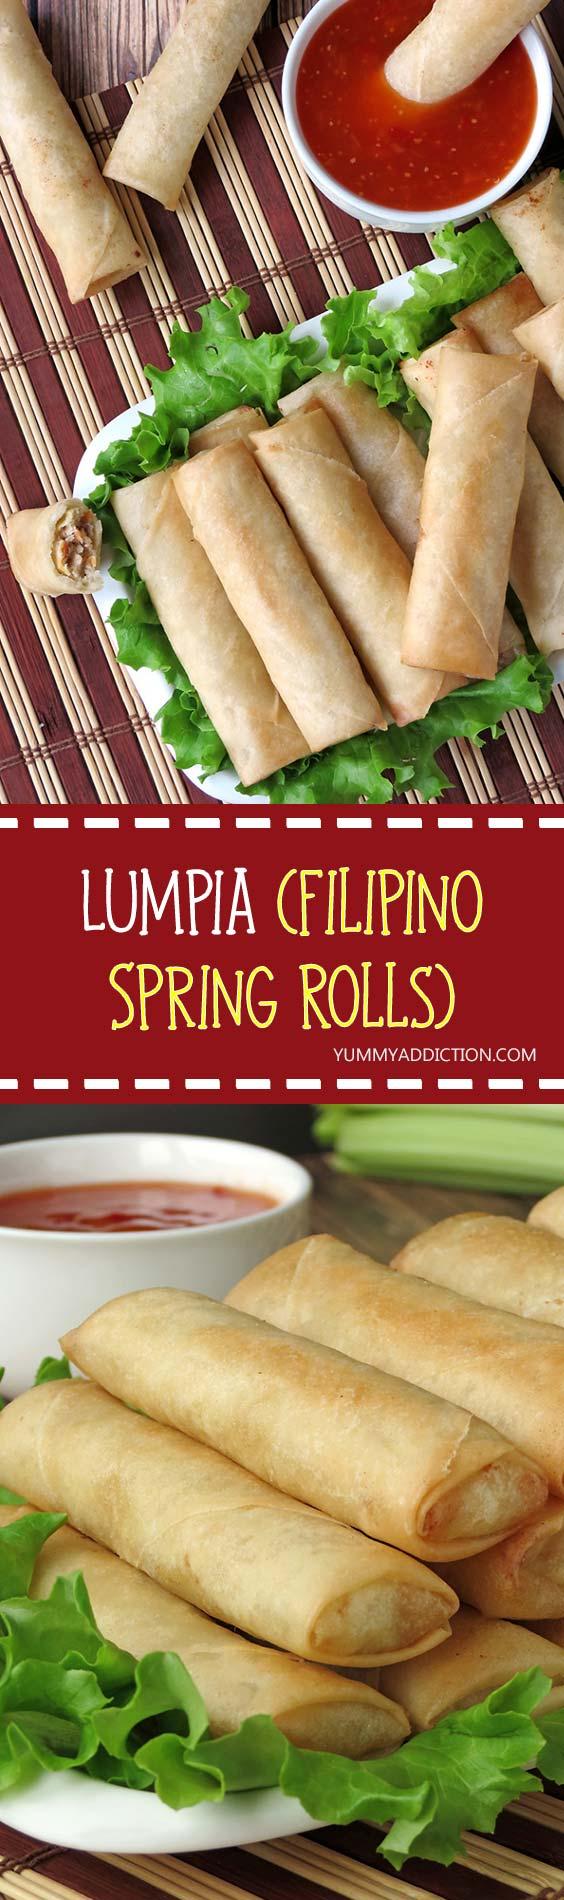 Lumpia (Filipino Spring Rolls) | YummyAddiction.com